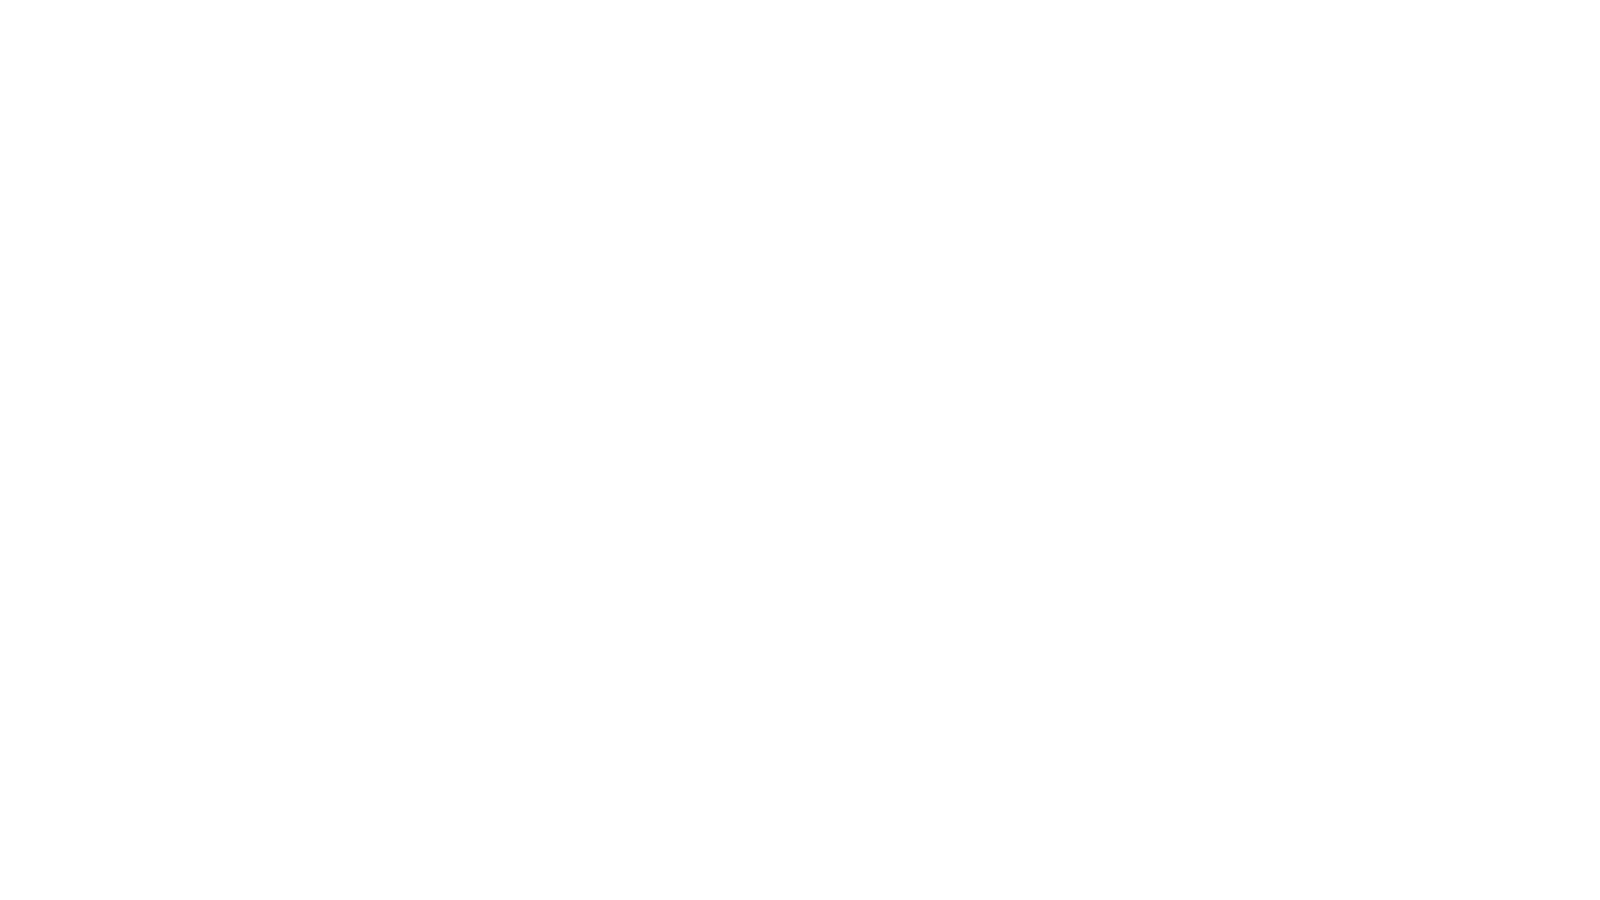 """Culto da Igreja Presbiteriana da Águas, transmitido no dia 12 de Setembro às 19h:30min, com a ministração do Pr. Filipe Tavares, Pregação - Romanos 1.8-13 com o tema: Missão Comunhão.  Cultos todos os domingos às 10h e 19h30min.   Facebook: https://www.facebook.com/igrejadasaguas Instagram: https://www.instagram.com/igrejapresbiterianadasaguas/  Endereço: Centro Empresarial Parque das Águas - Estr. dos Menezes, 850 - Colubandê, São Gonçalo - RJ, 24451-230  Telefone: (21) 98919-2562  http://www.igrejadasaguas.org.br/  Trilha sonora:  """" Música: « summer »  de  Bensound.com """" """" Música: « acoustic breeze »  de  Bensound.com """" """" Música: « jazz frenchy »  de  Bensound.com """""""